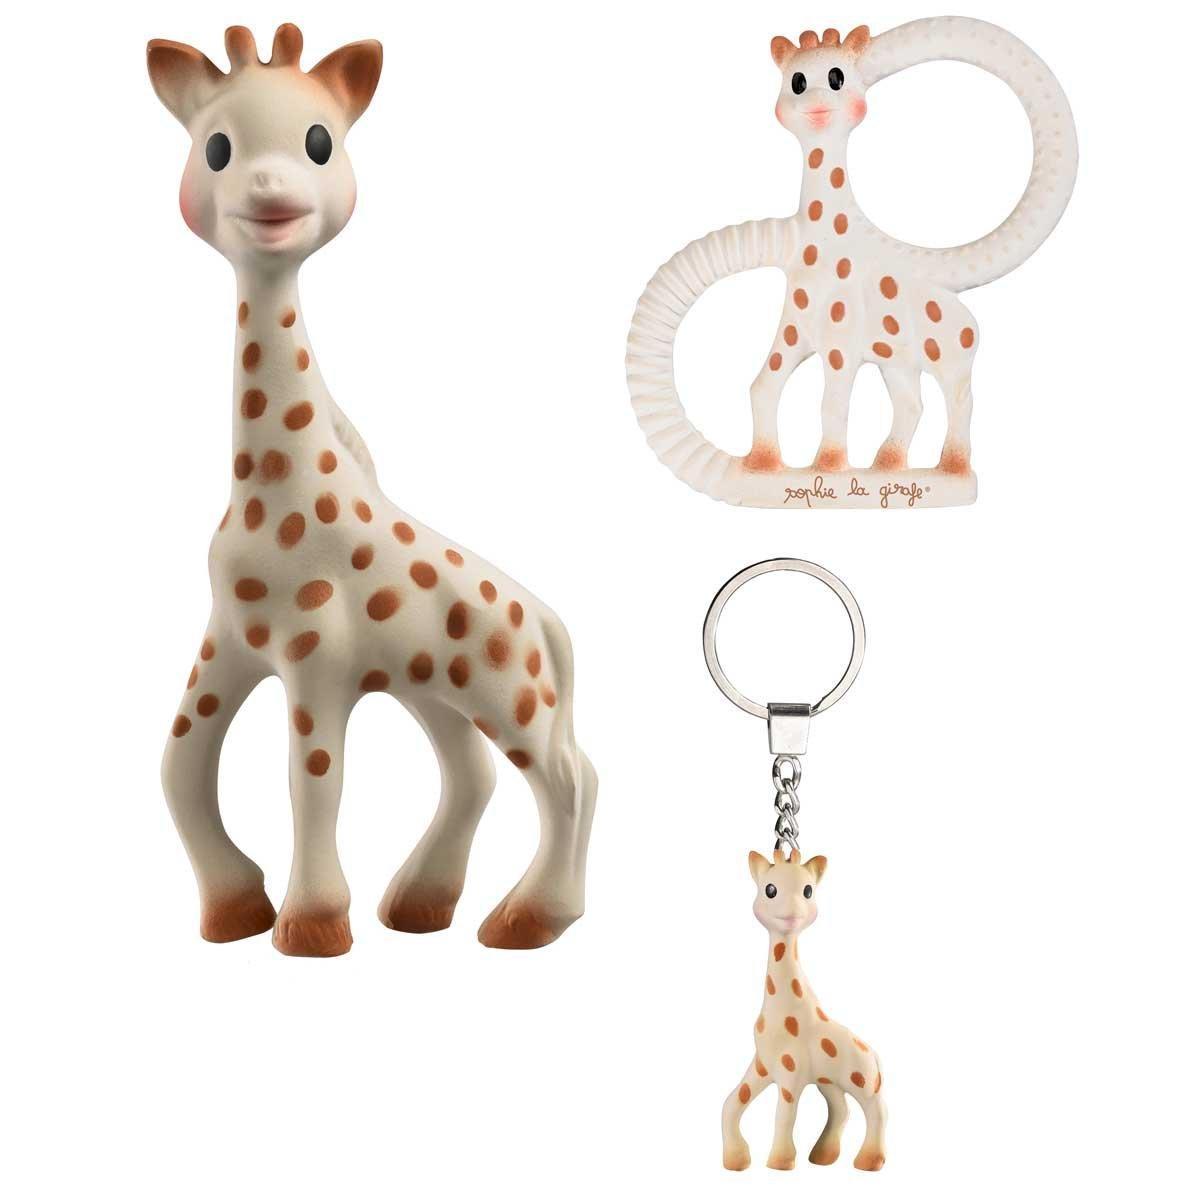 Vulli Набор игрушек-прорезывателей Жирафик Софи 3 в 1